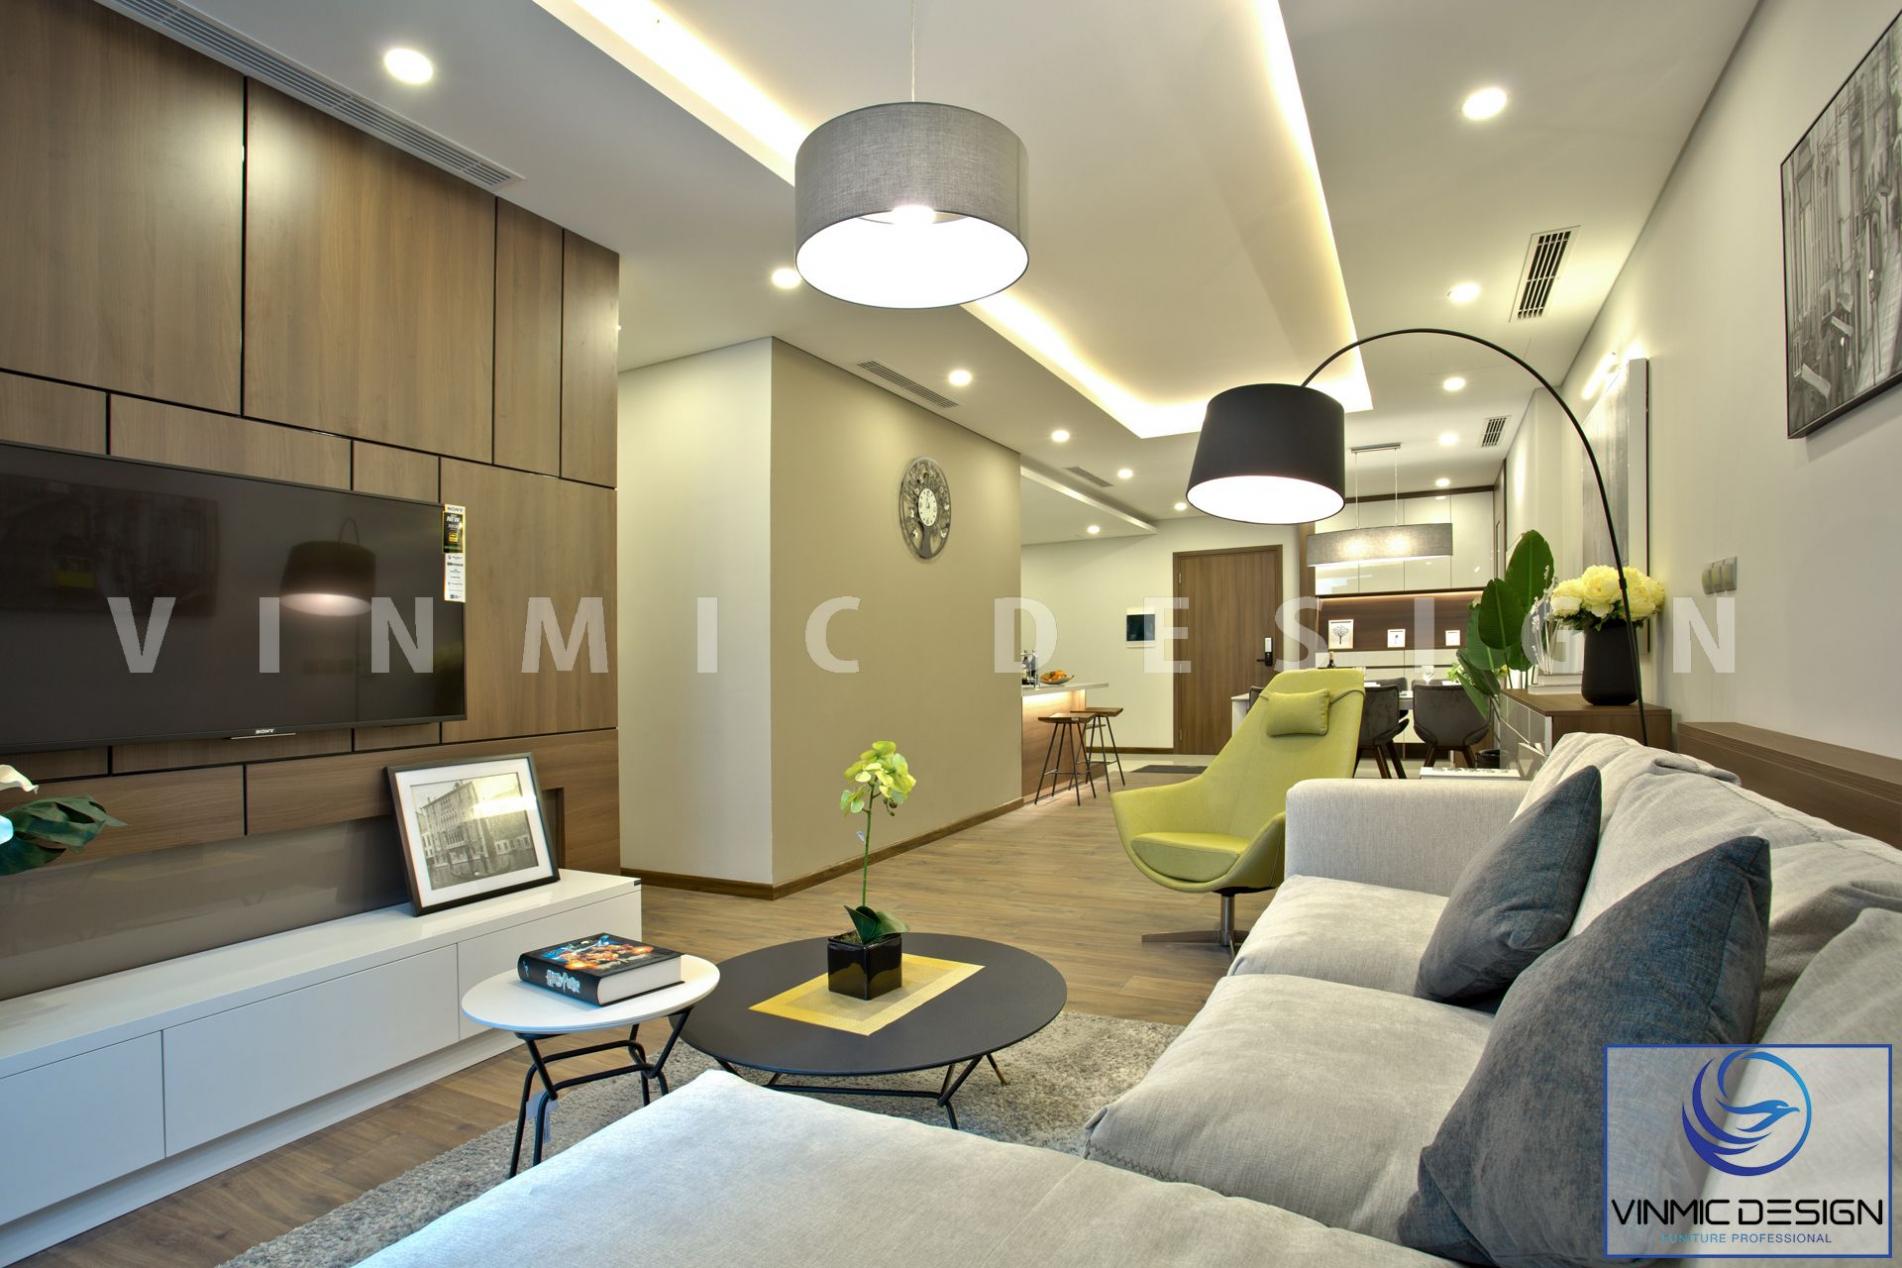 Thi công nội thất phòng khách với tone màu xanh lá dịu nhẹ không kém phần sang trọng tại căn hộ Khu Ngoại Giao Đoàn